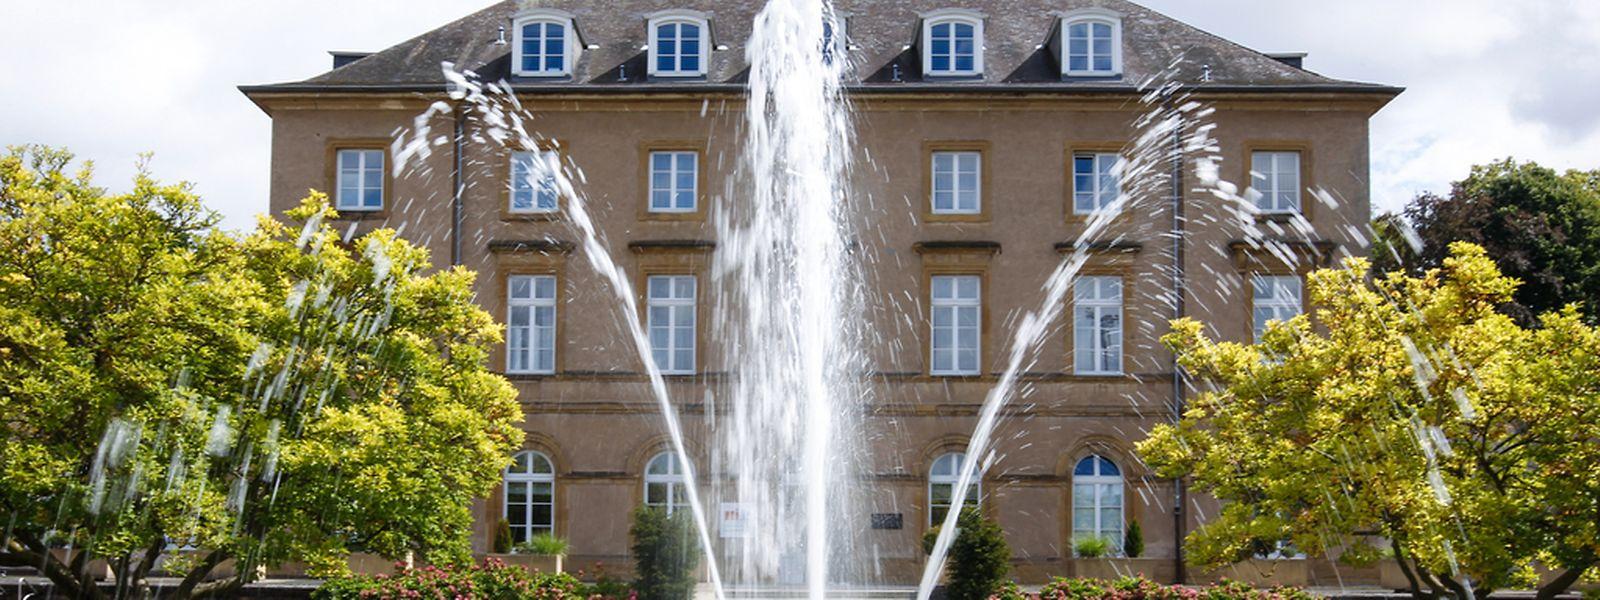 Die meisten Luxemburger Studenten bevorzugen es, sich an der Uni Luxemburg einzuschreiben.